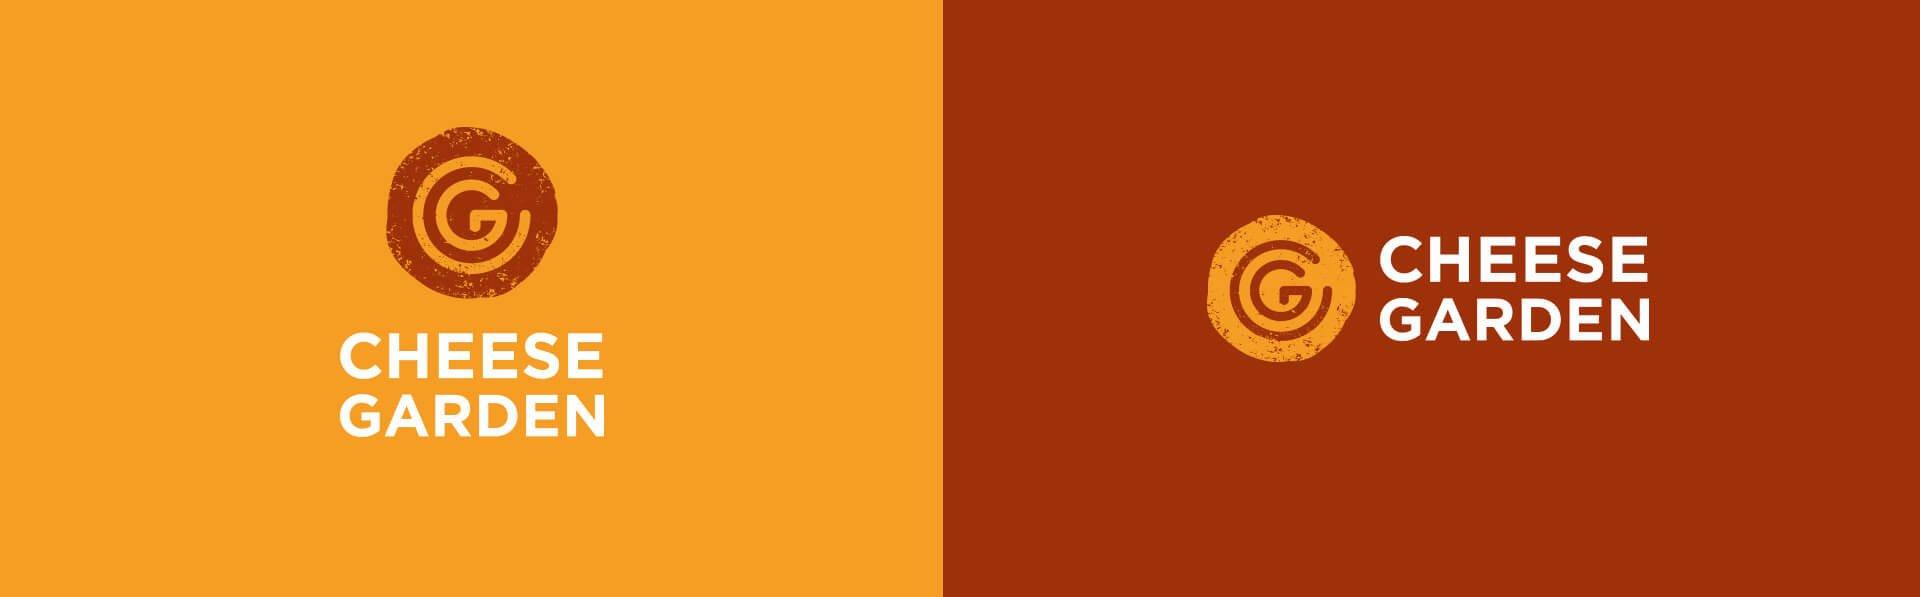 Додаткові версії логотипа «Cheese Garden»